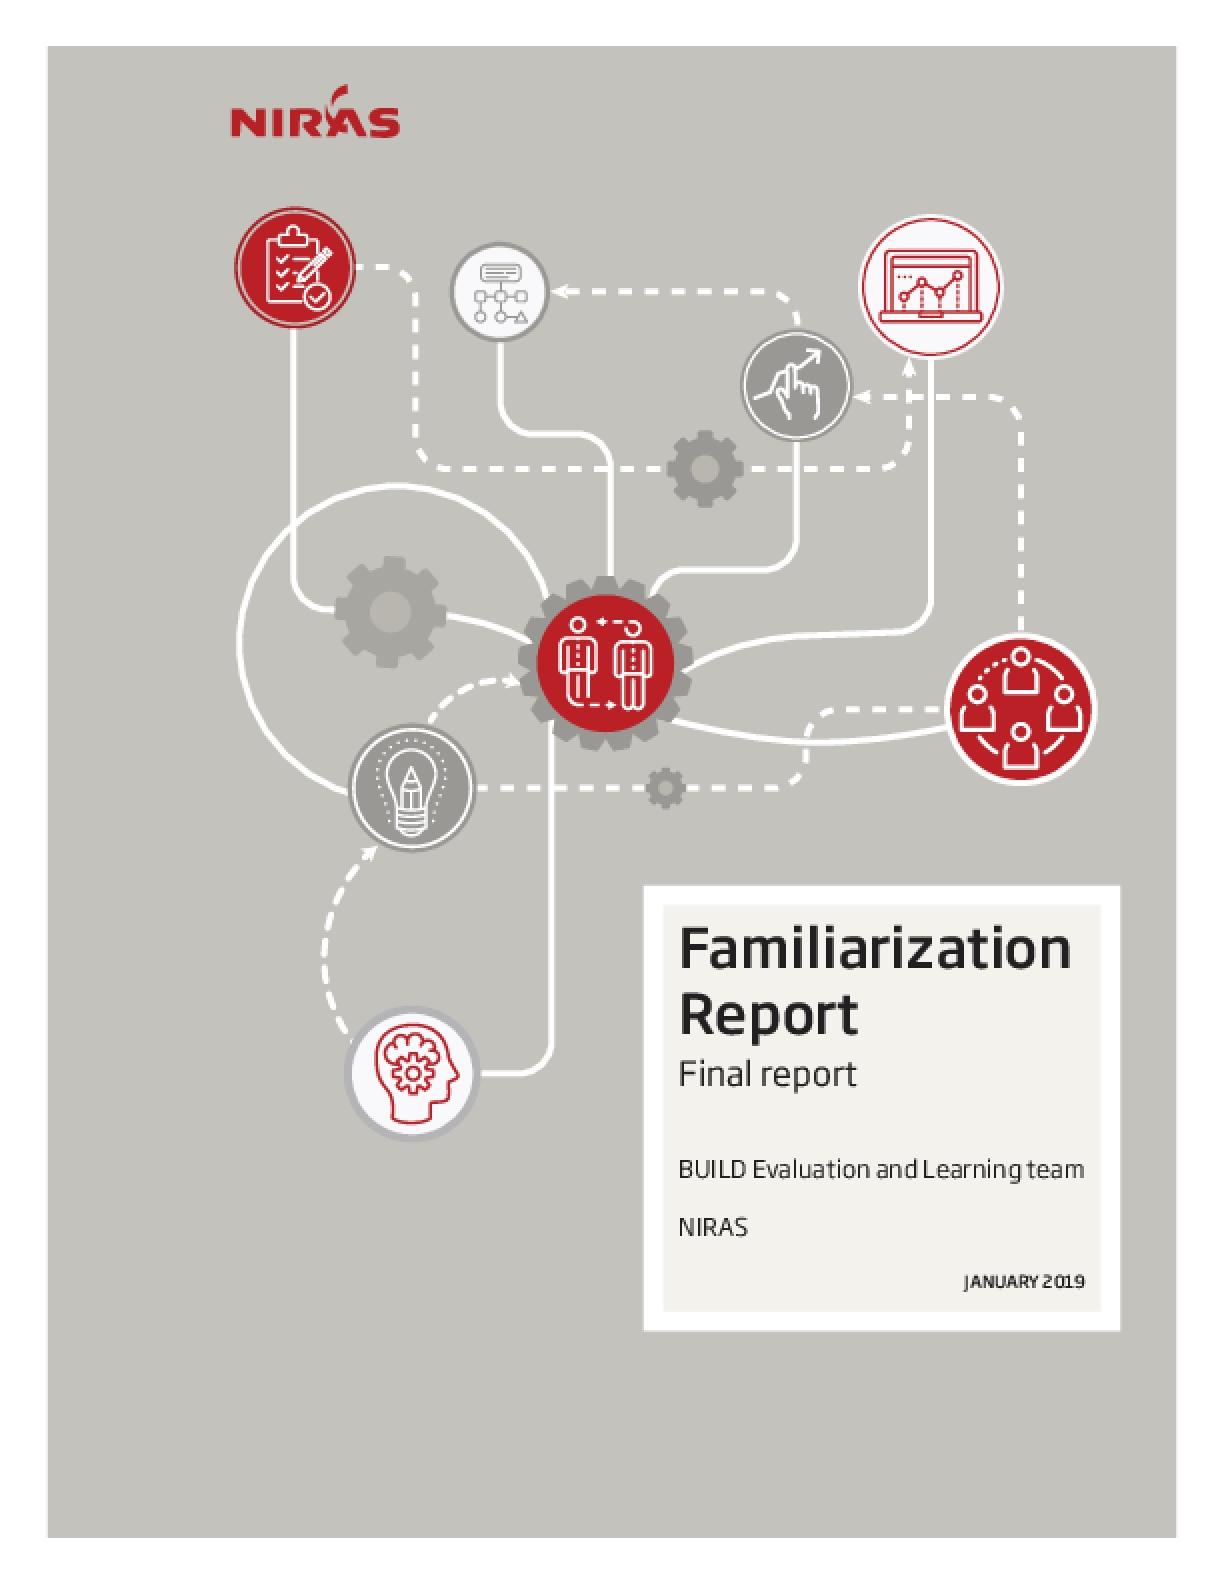 Familiarization Report : Final Report